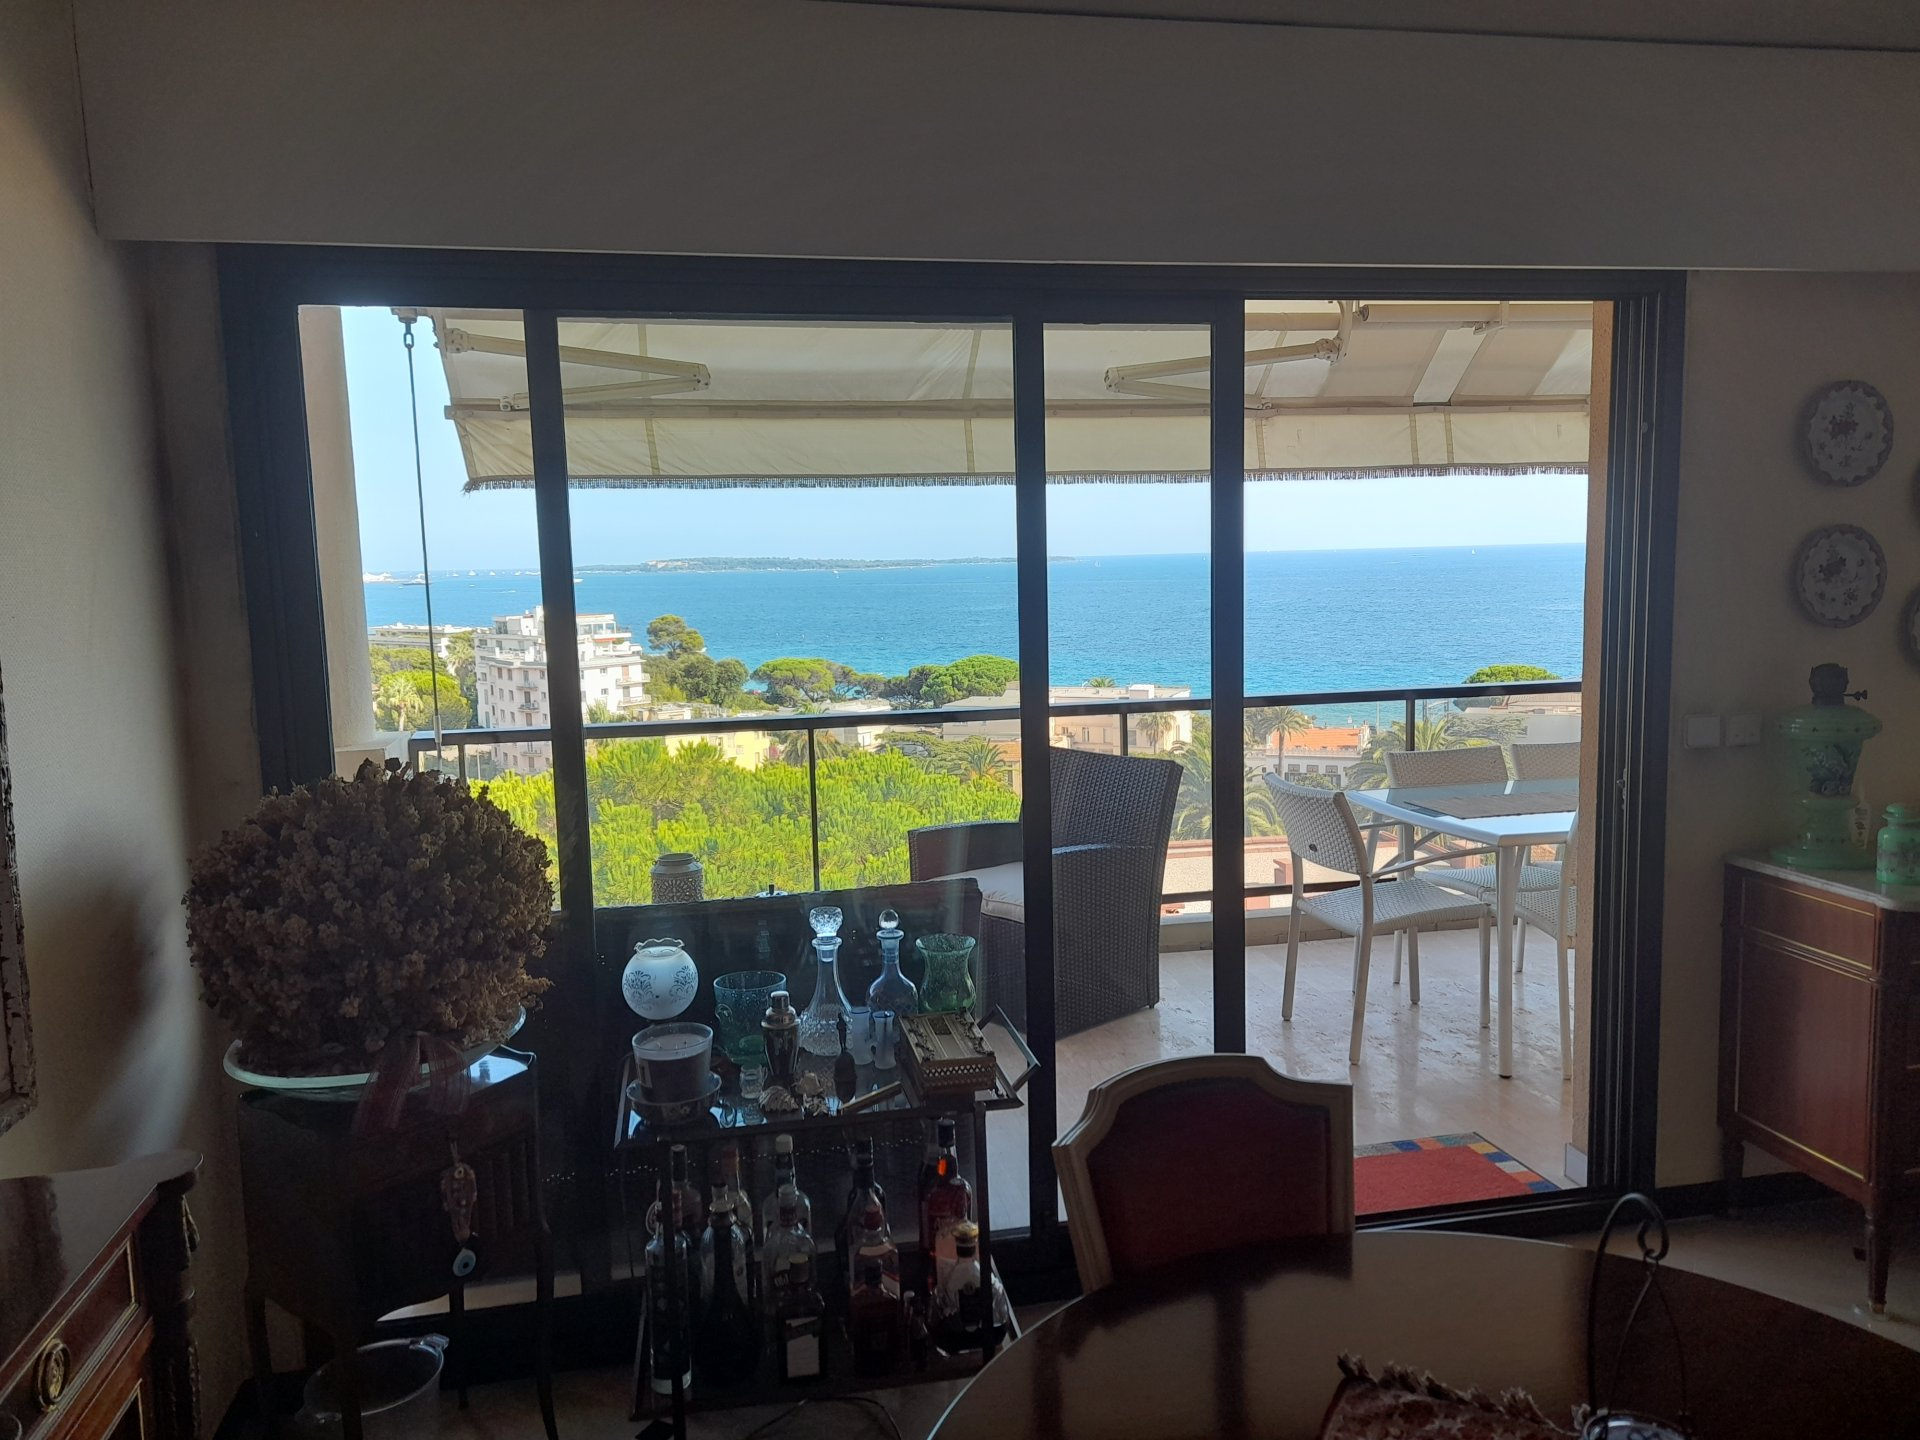 Cannes: 4 værelses lejlighed med panoramaudsigt over havet